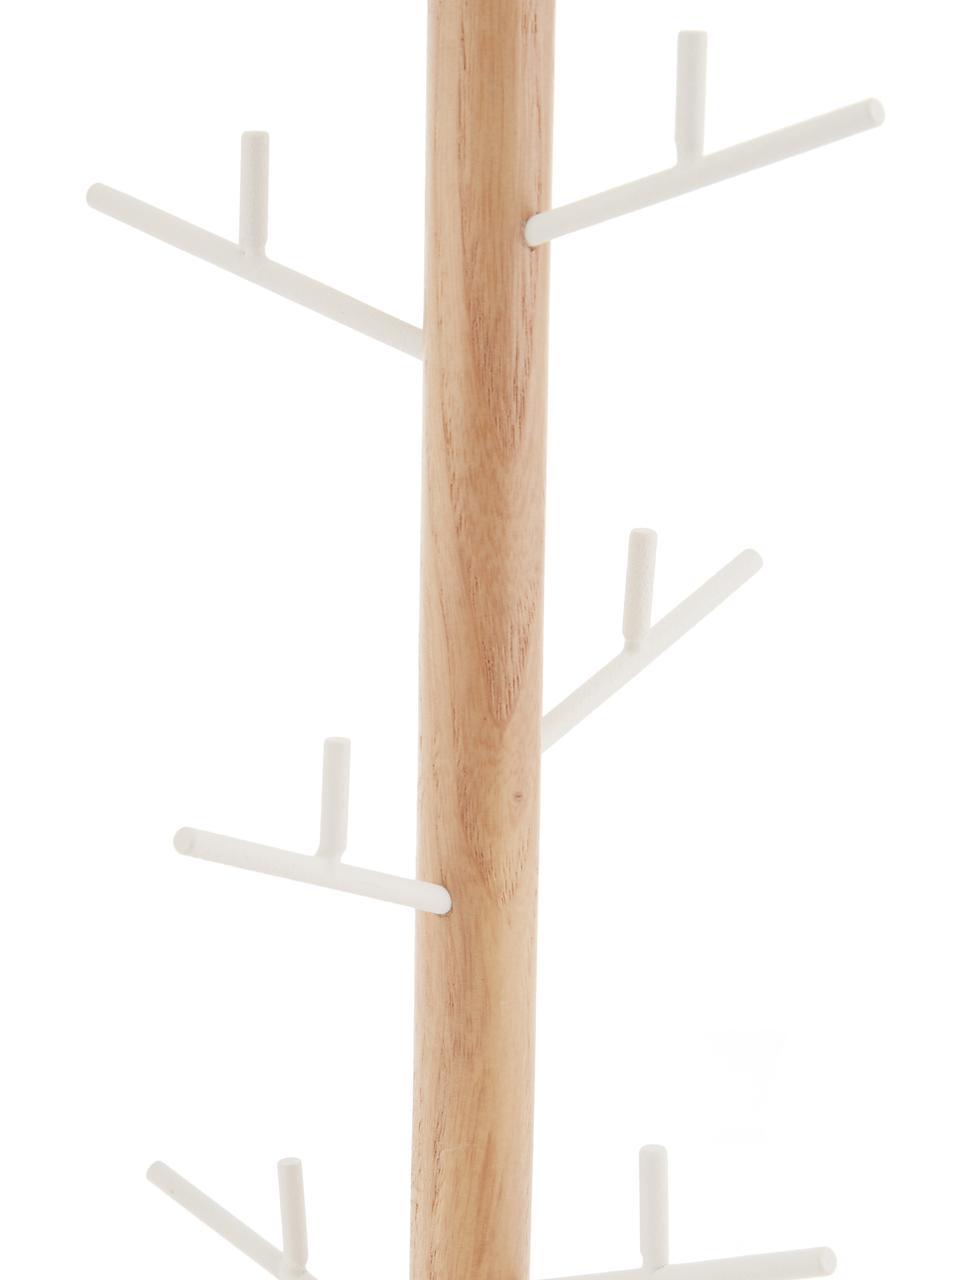 Schmuckhalter Tosca, Stange: Holz, Weiß, Braun, 13 x 36 cm